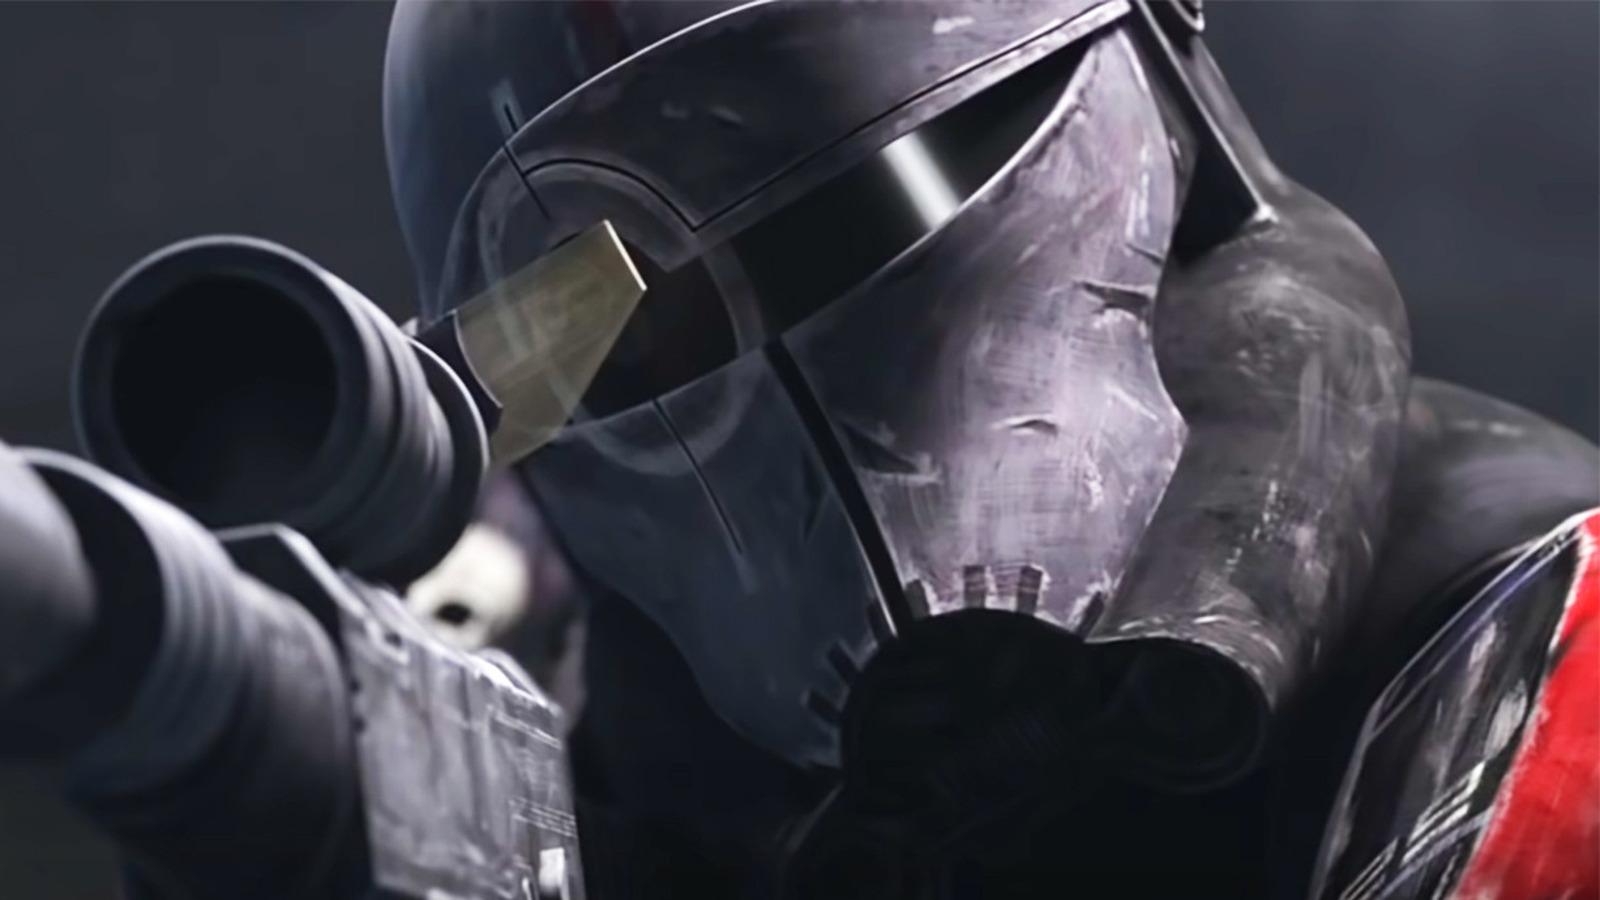 «Бракованная партия»: новый сериал по «Звёздным войнам». Первые впечатления 3